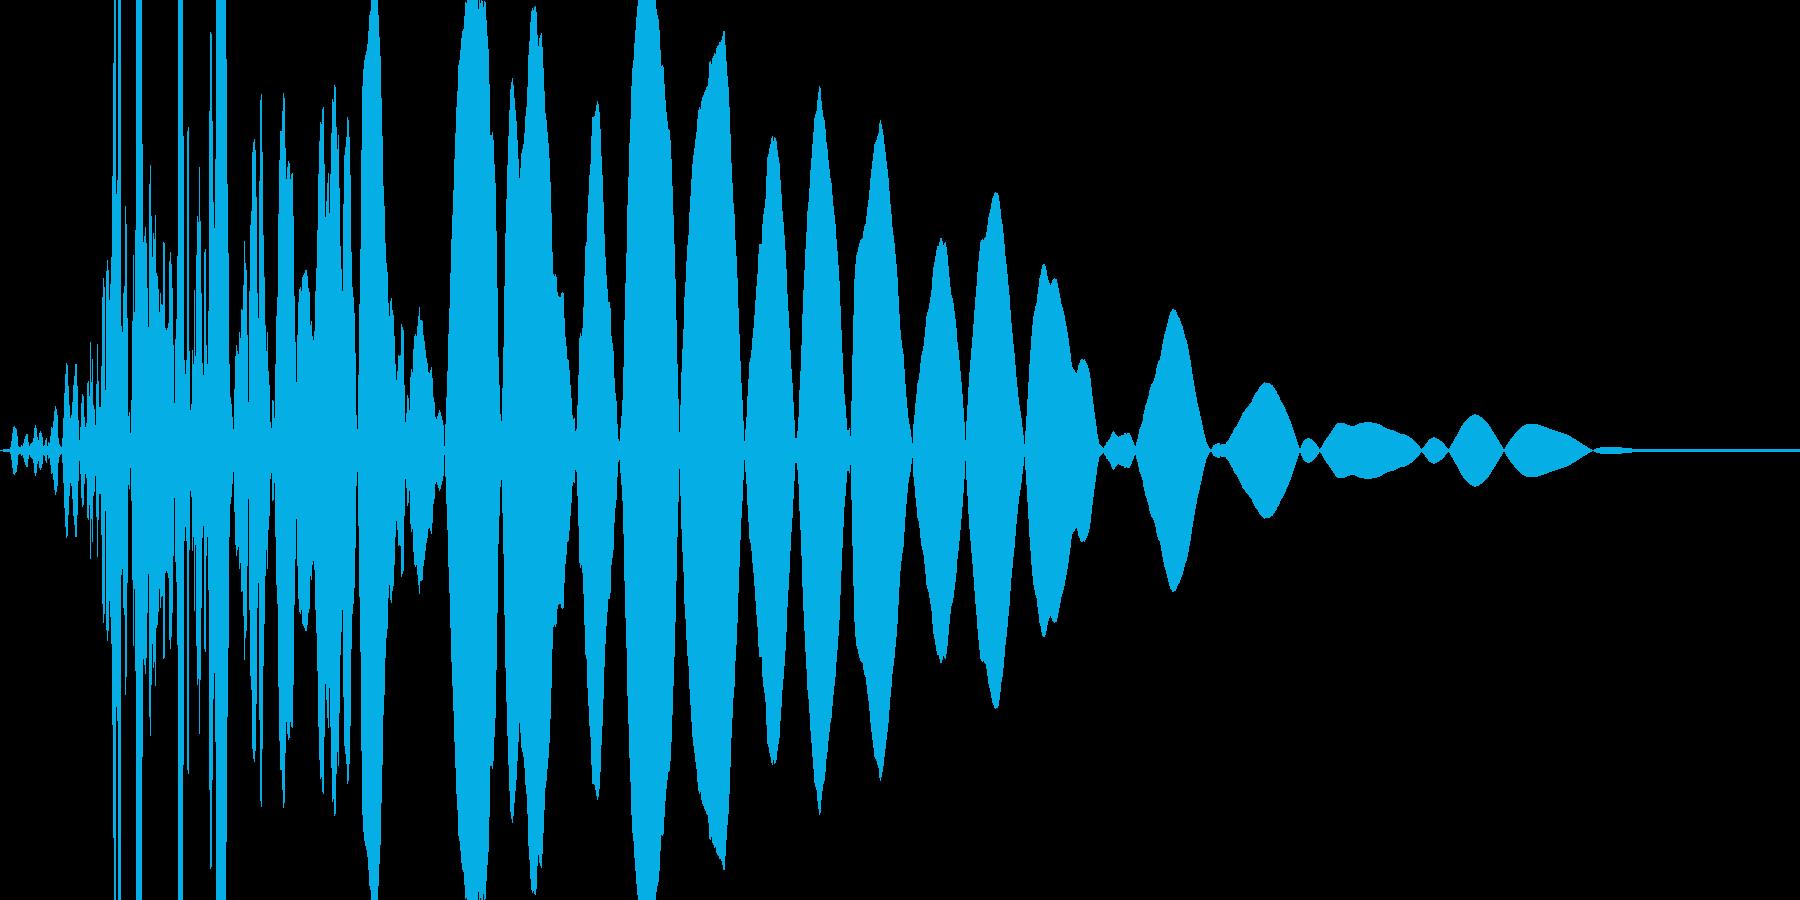 ボフッ(パンチ、打撃の音)の再生済みの波形